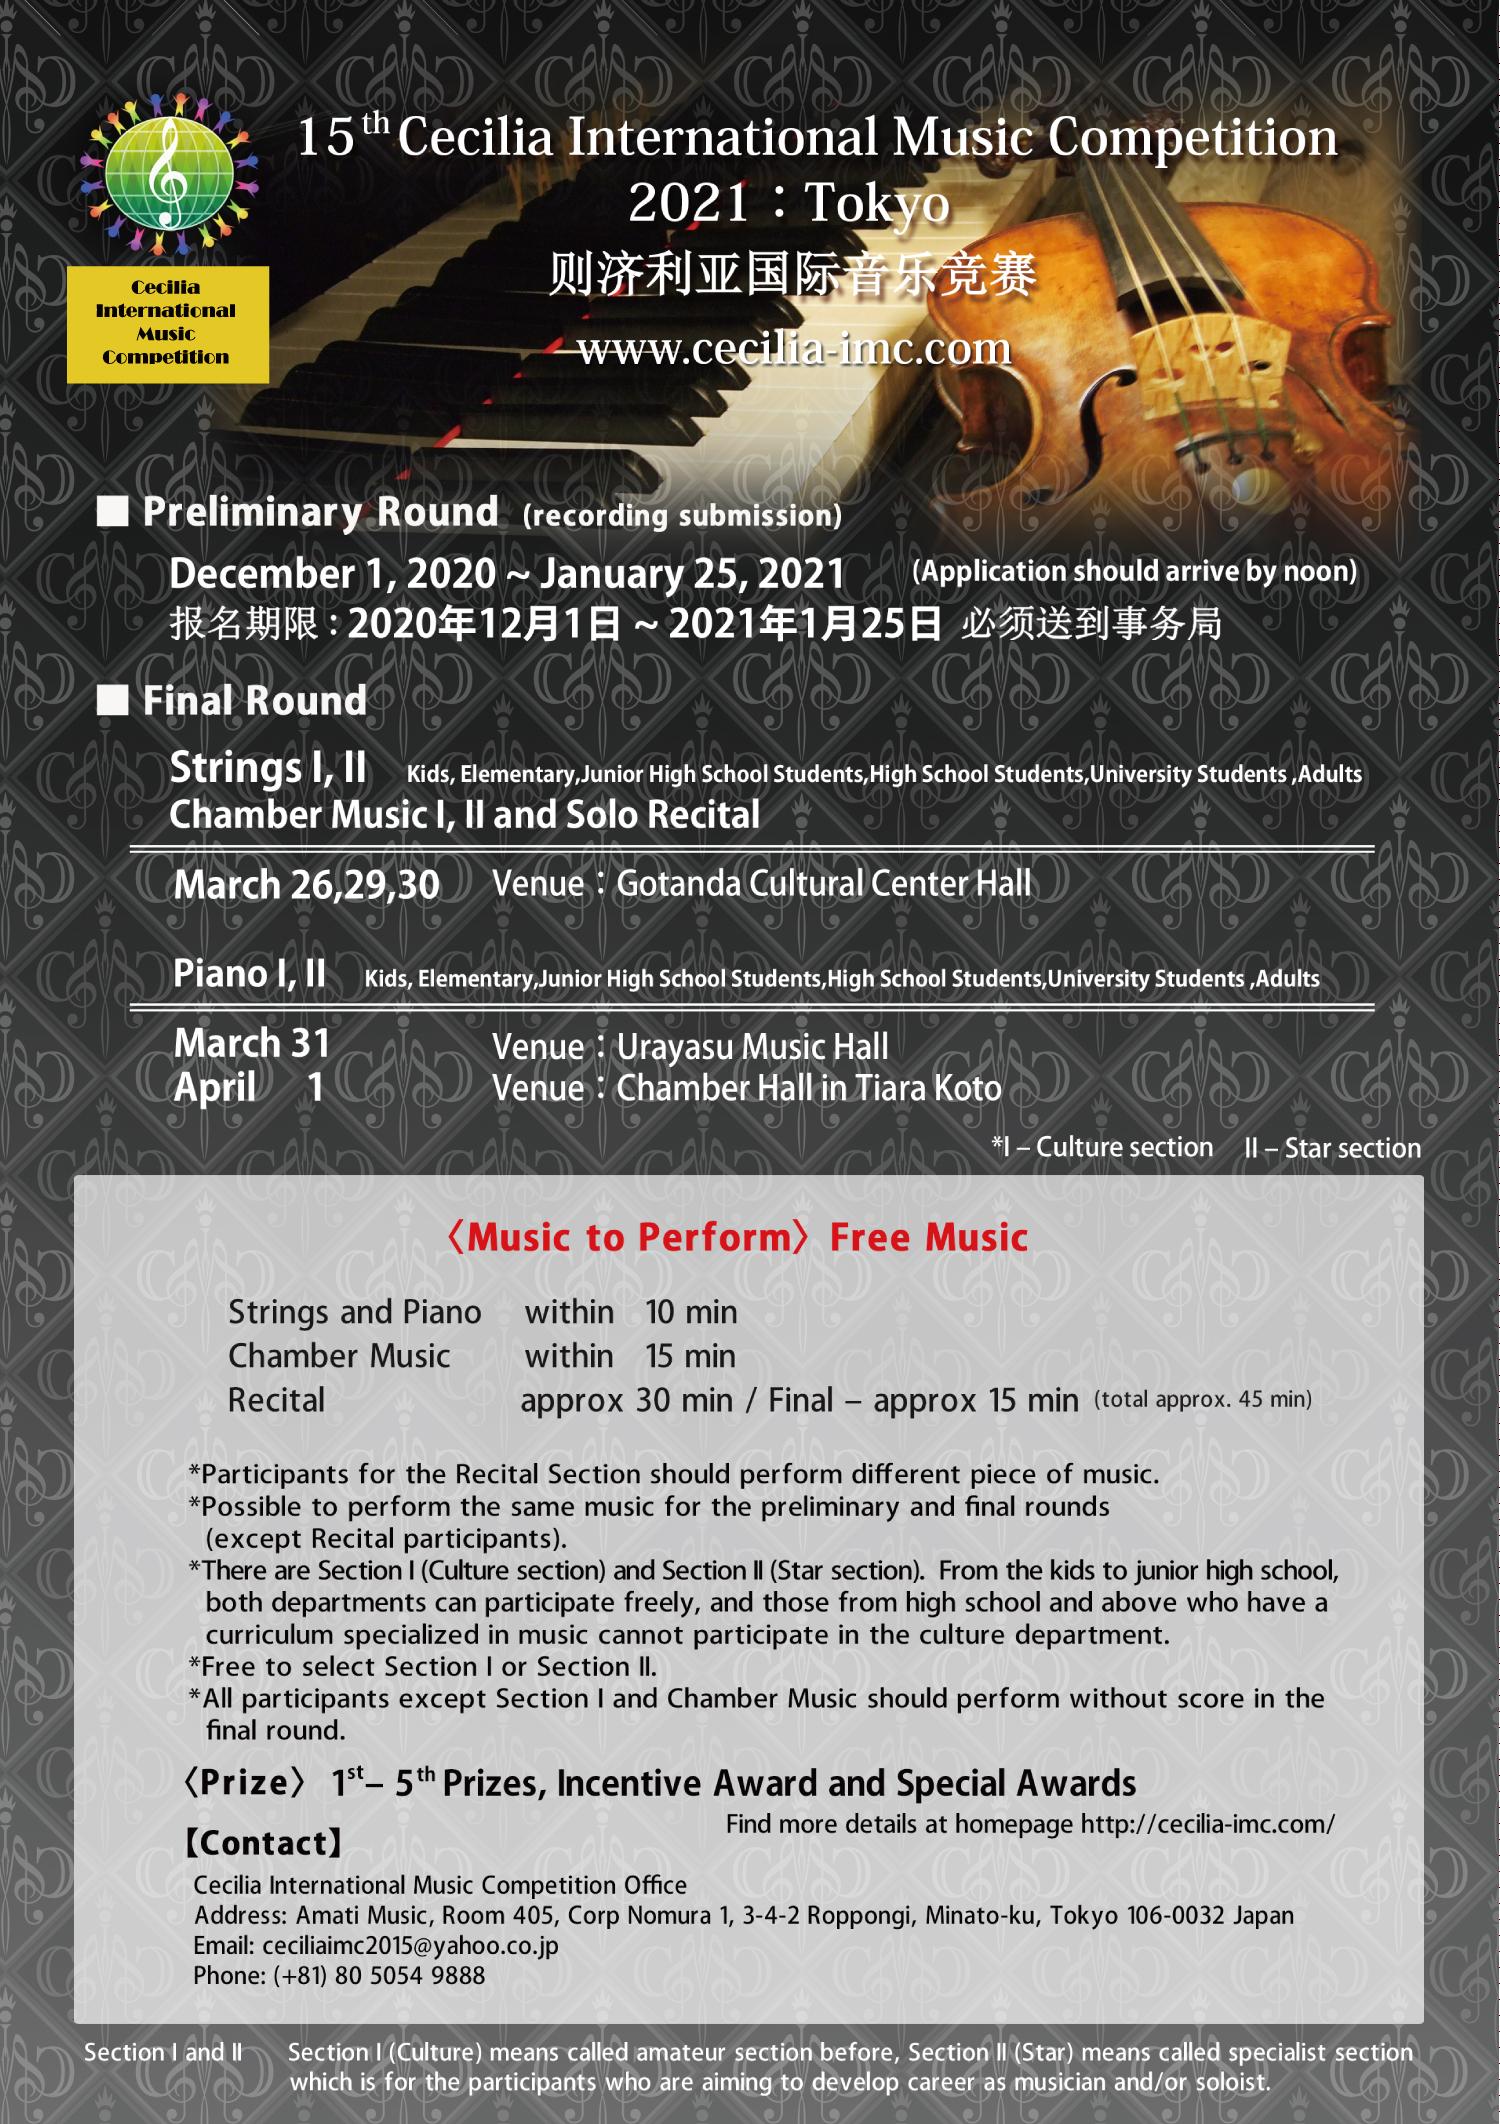 音楽 セシリア コンクール 国際